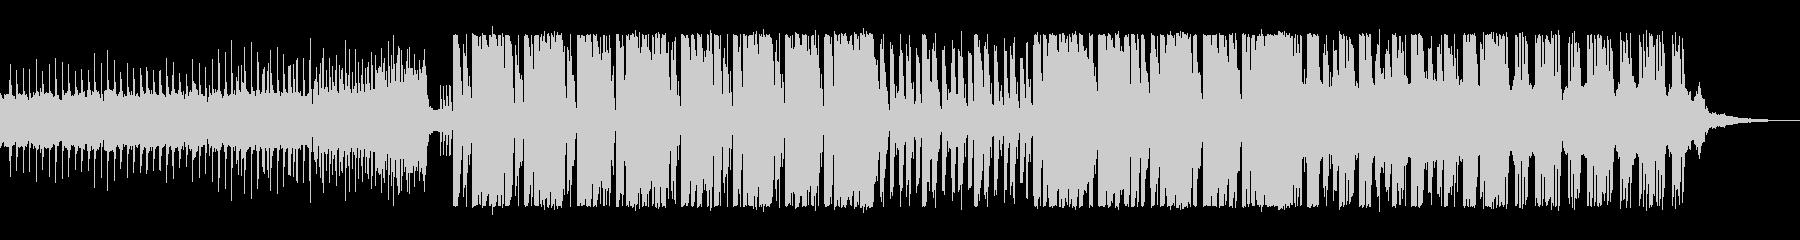 可愛い高音のテクノポップの曲の未再生の波形